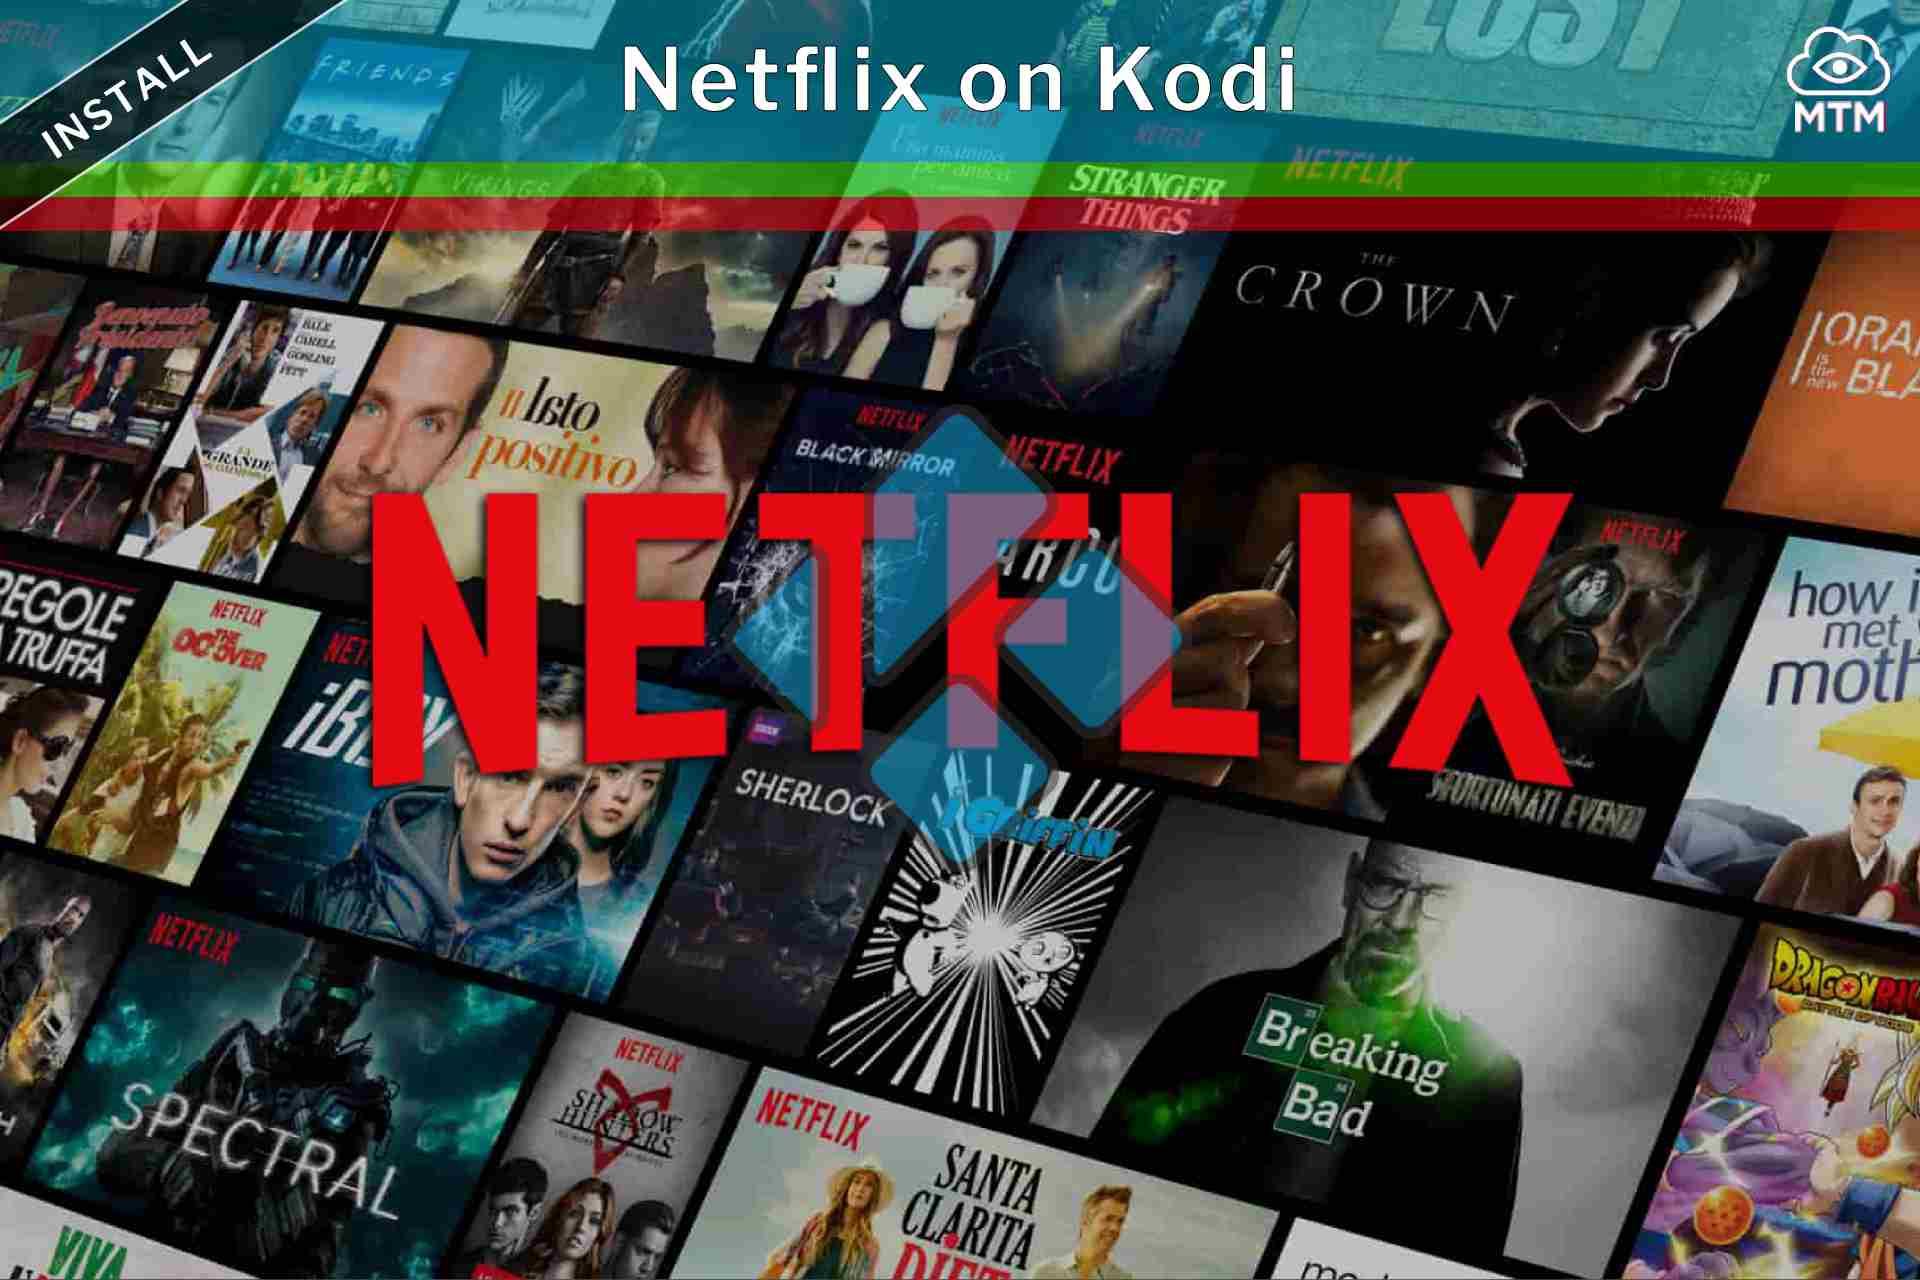 Deskargatu eta instalatu doako Kodi Netflix Addon